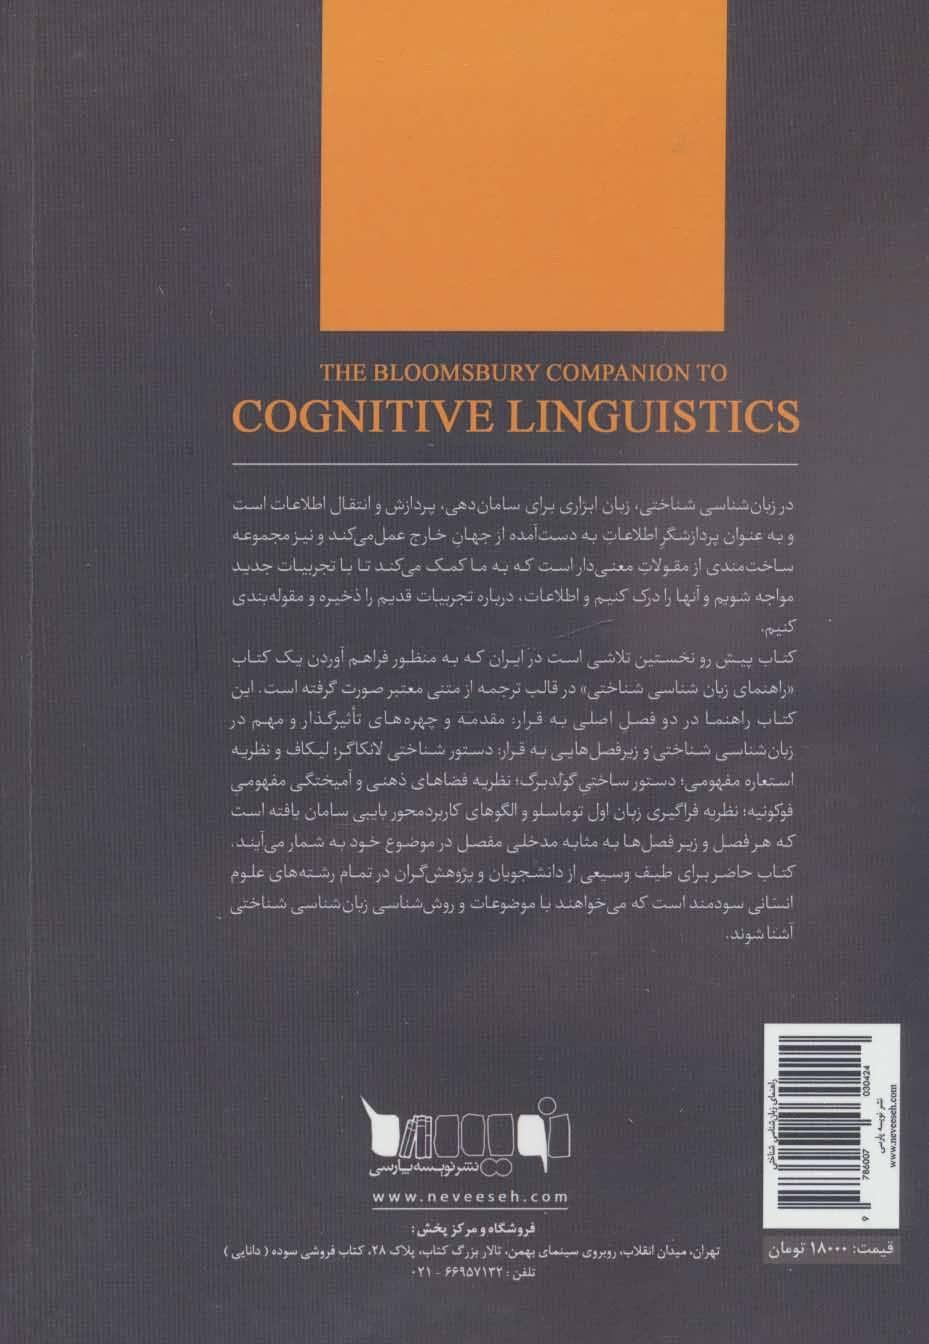 راهنمای زبان شناسی شناختی